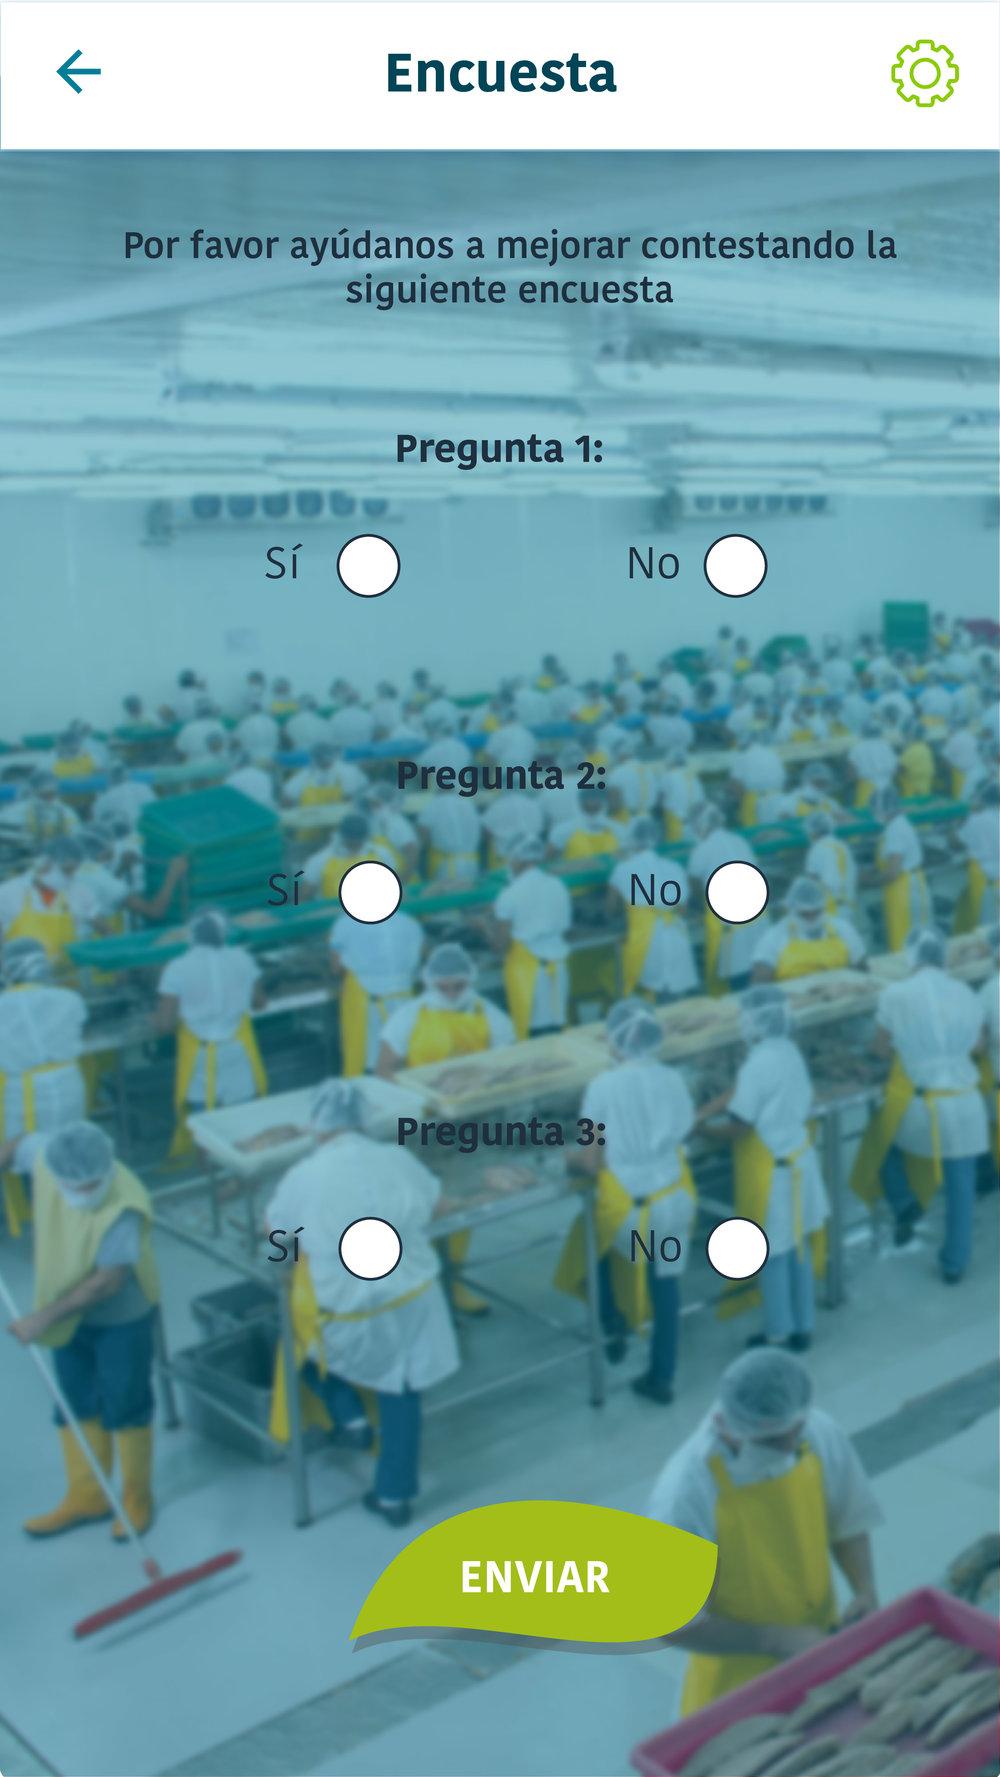 AF SCREENS APP TECONECTA-13.jpg